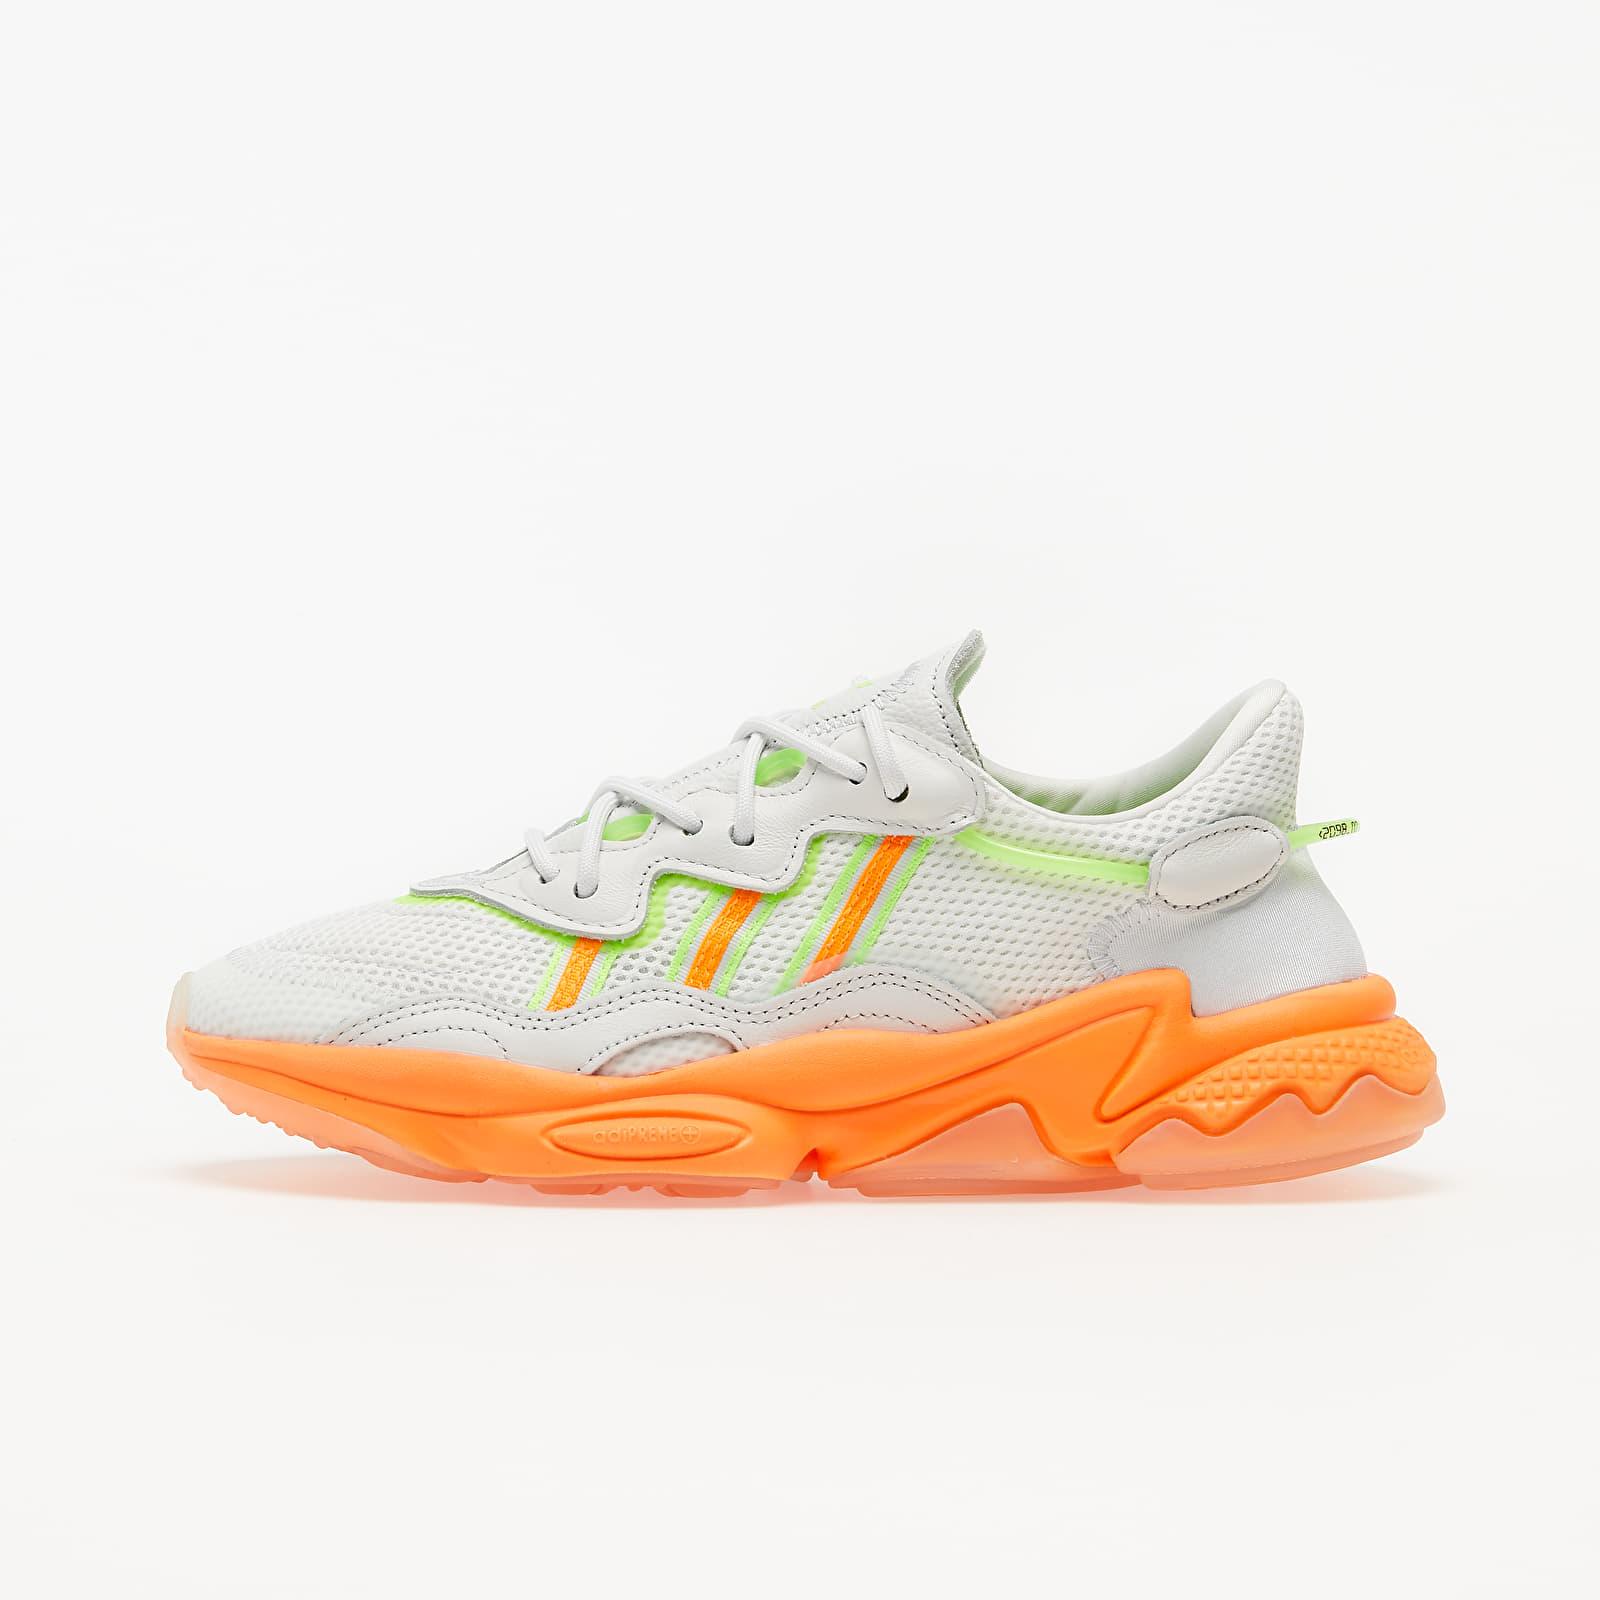 adidas Ozweego W Crystal White/ Signature Orange/ Signature Green EUR 40